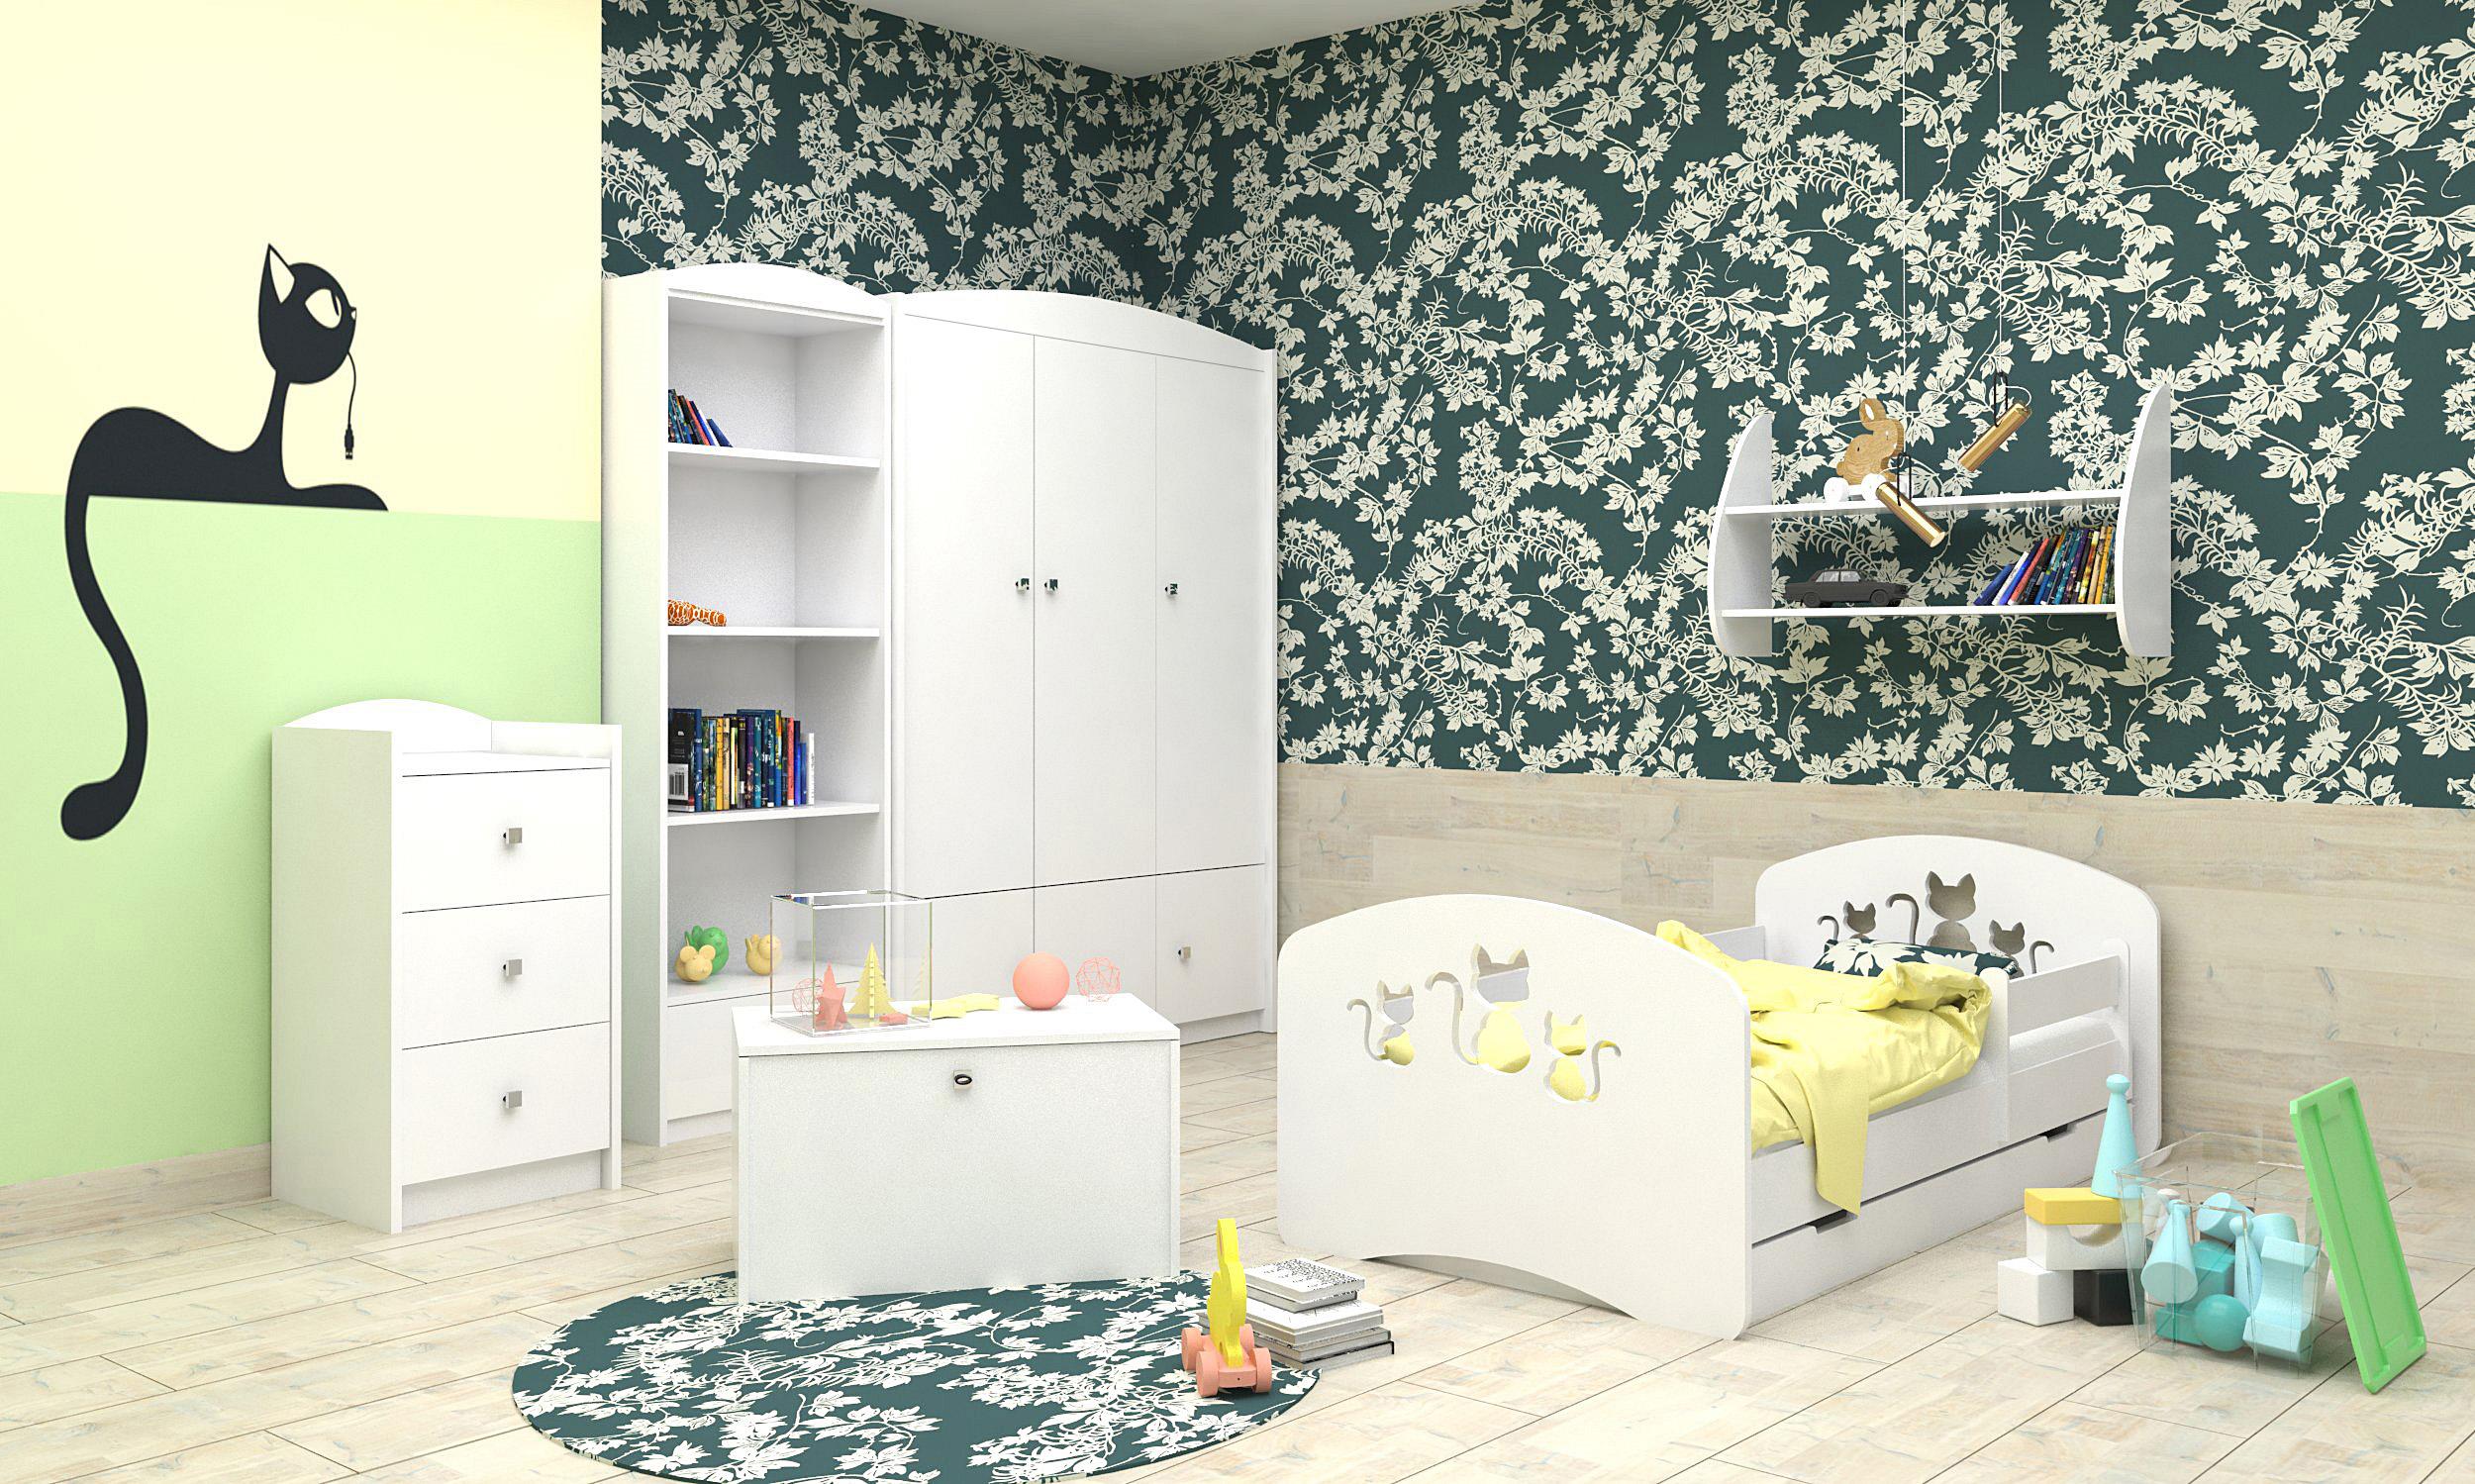 Happy Babies Detská posteľ Happy dizajn/mačičky Farba: Biela / biela, Prevedenie: L04 / 80 x 160 cm /S úložným priestorom